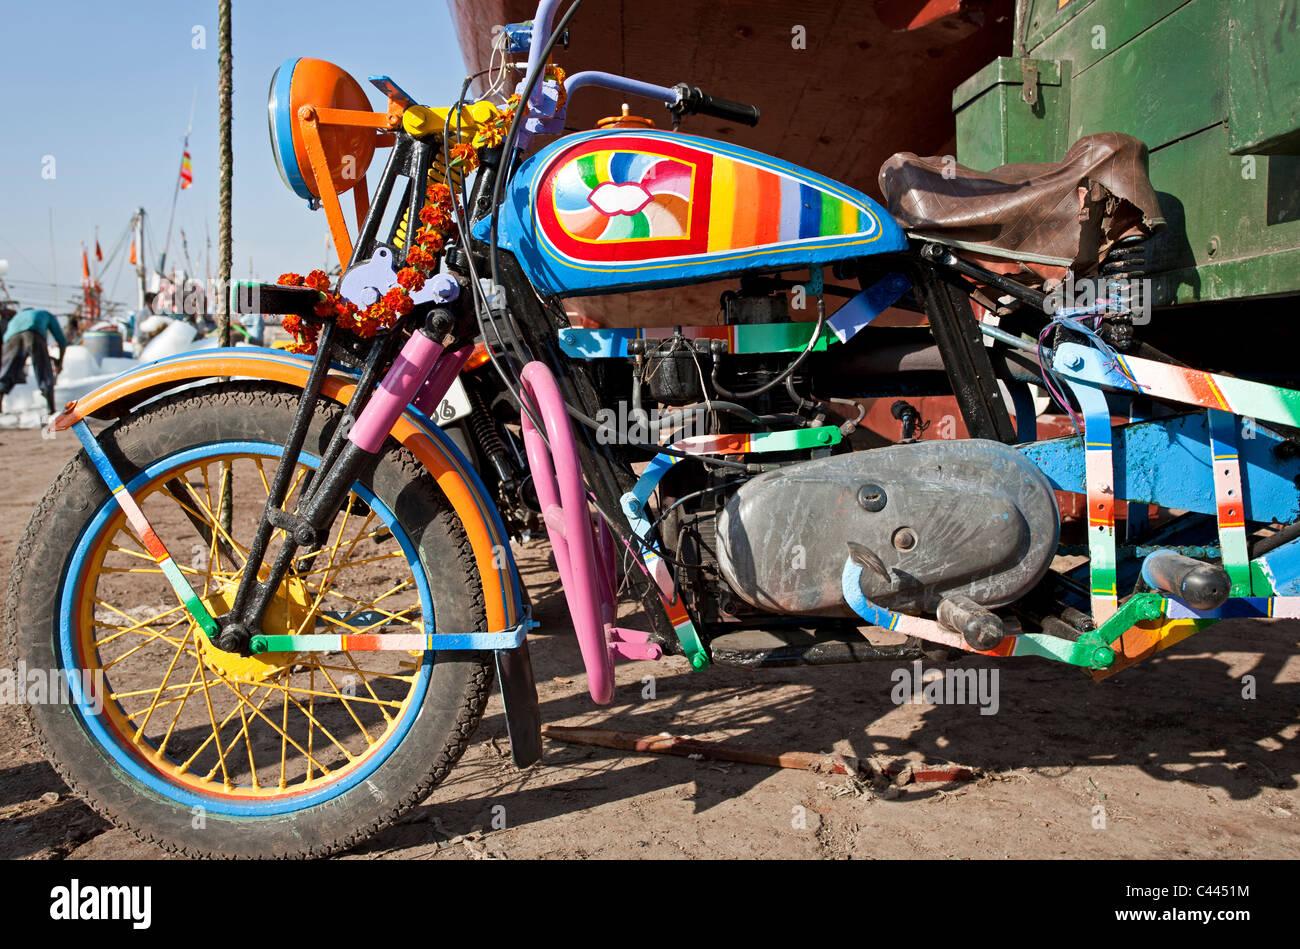 Old diesel Enfield motorbike. Diu Island. Gujarat. India - Stock Image